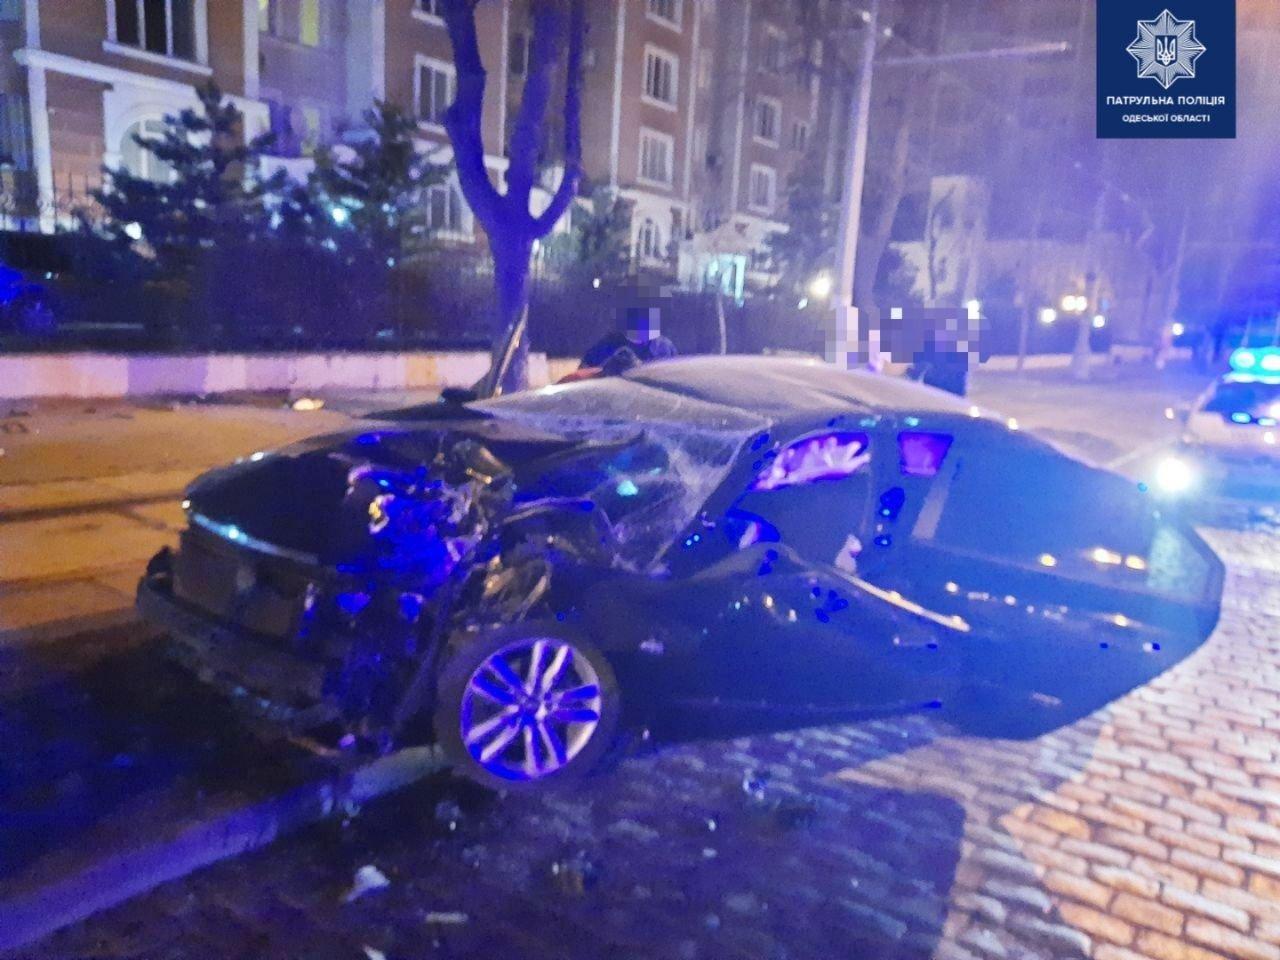 В Одессе на Французском бульваре автомобиль врезался в дерево, есть пострадавшие, - ФОТО, фото-2